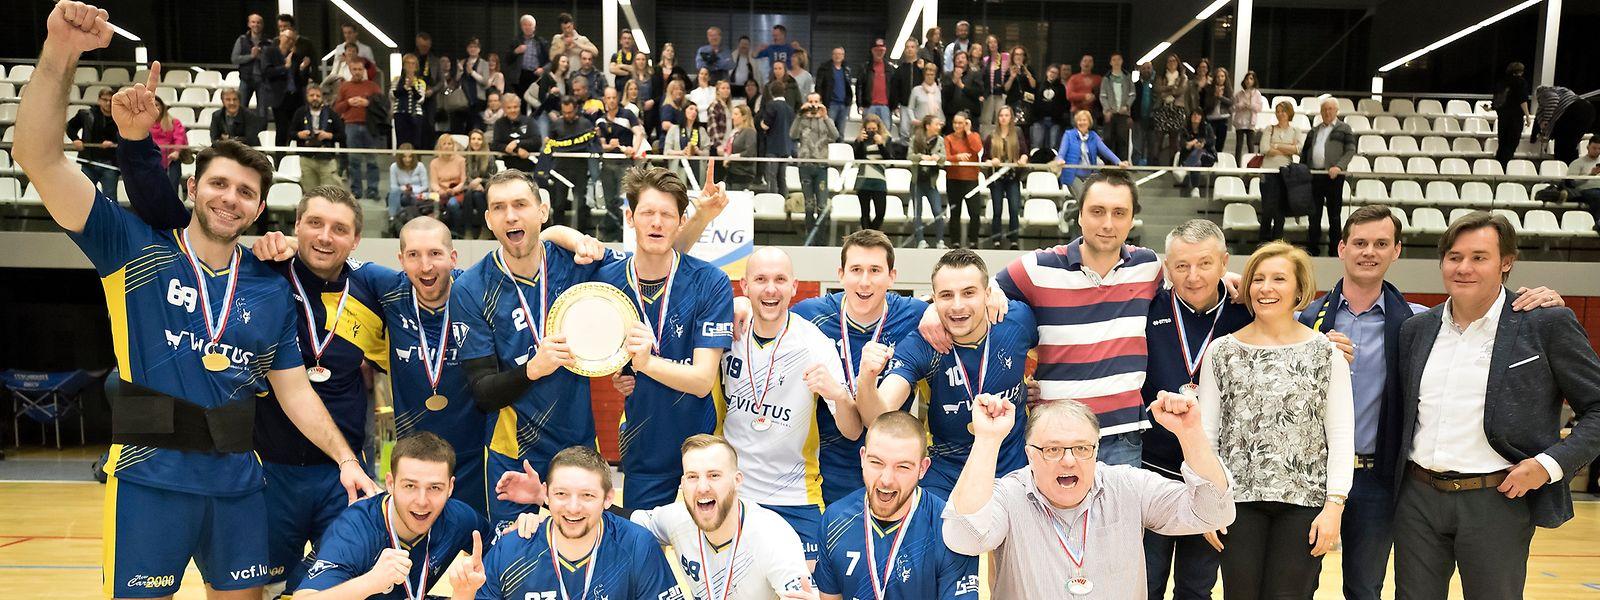 Fentingen setzte sich im zweiten Spiel des Endspiels der Volleyballmeisterschaft mit 3:2 gegen Strassen durch.